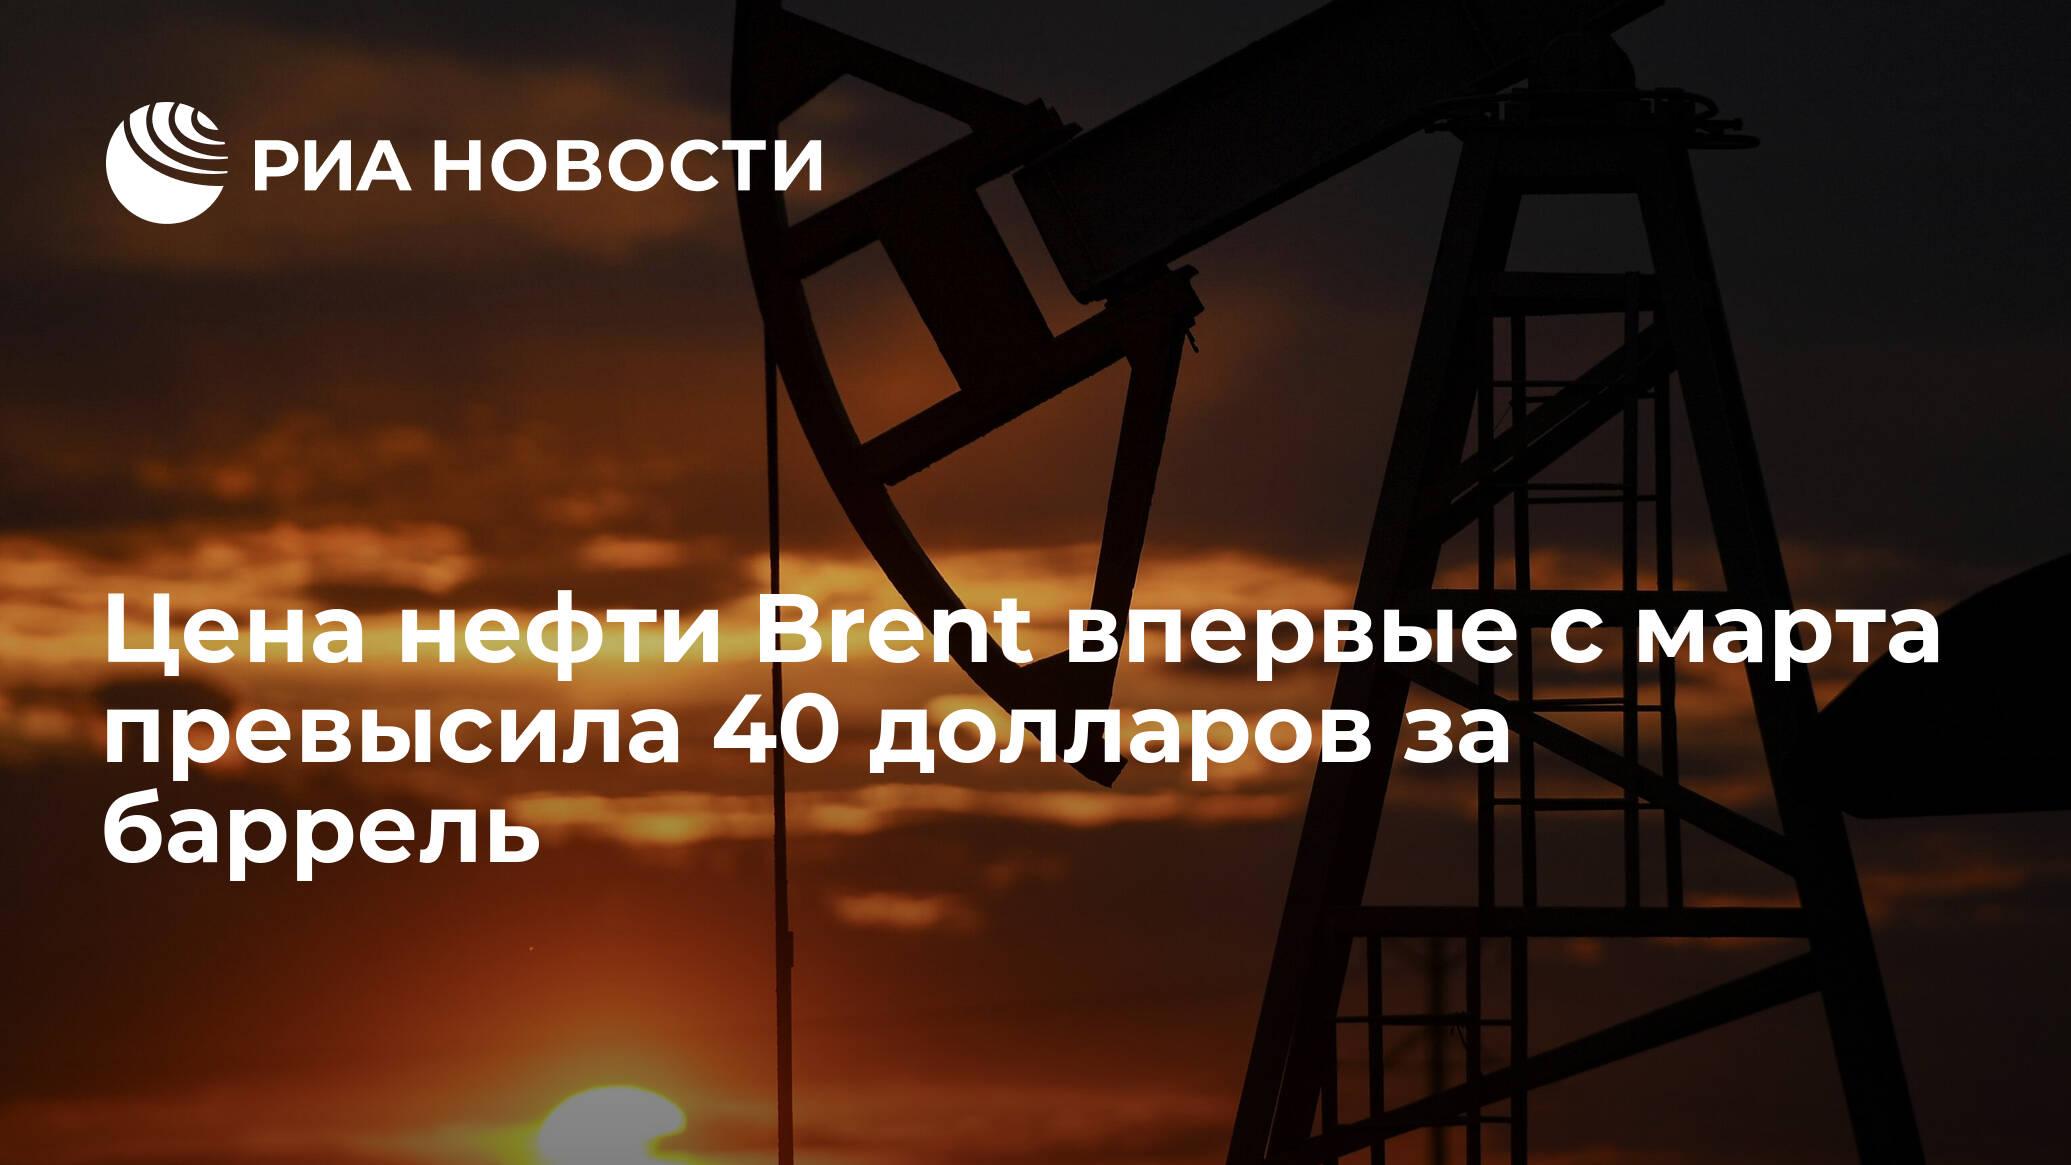 Цена нефти Brent впервые с марта превысила 40 долларов за баррель - РИА НОВОСТИ